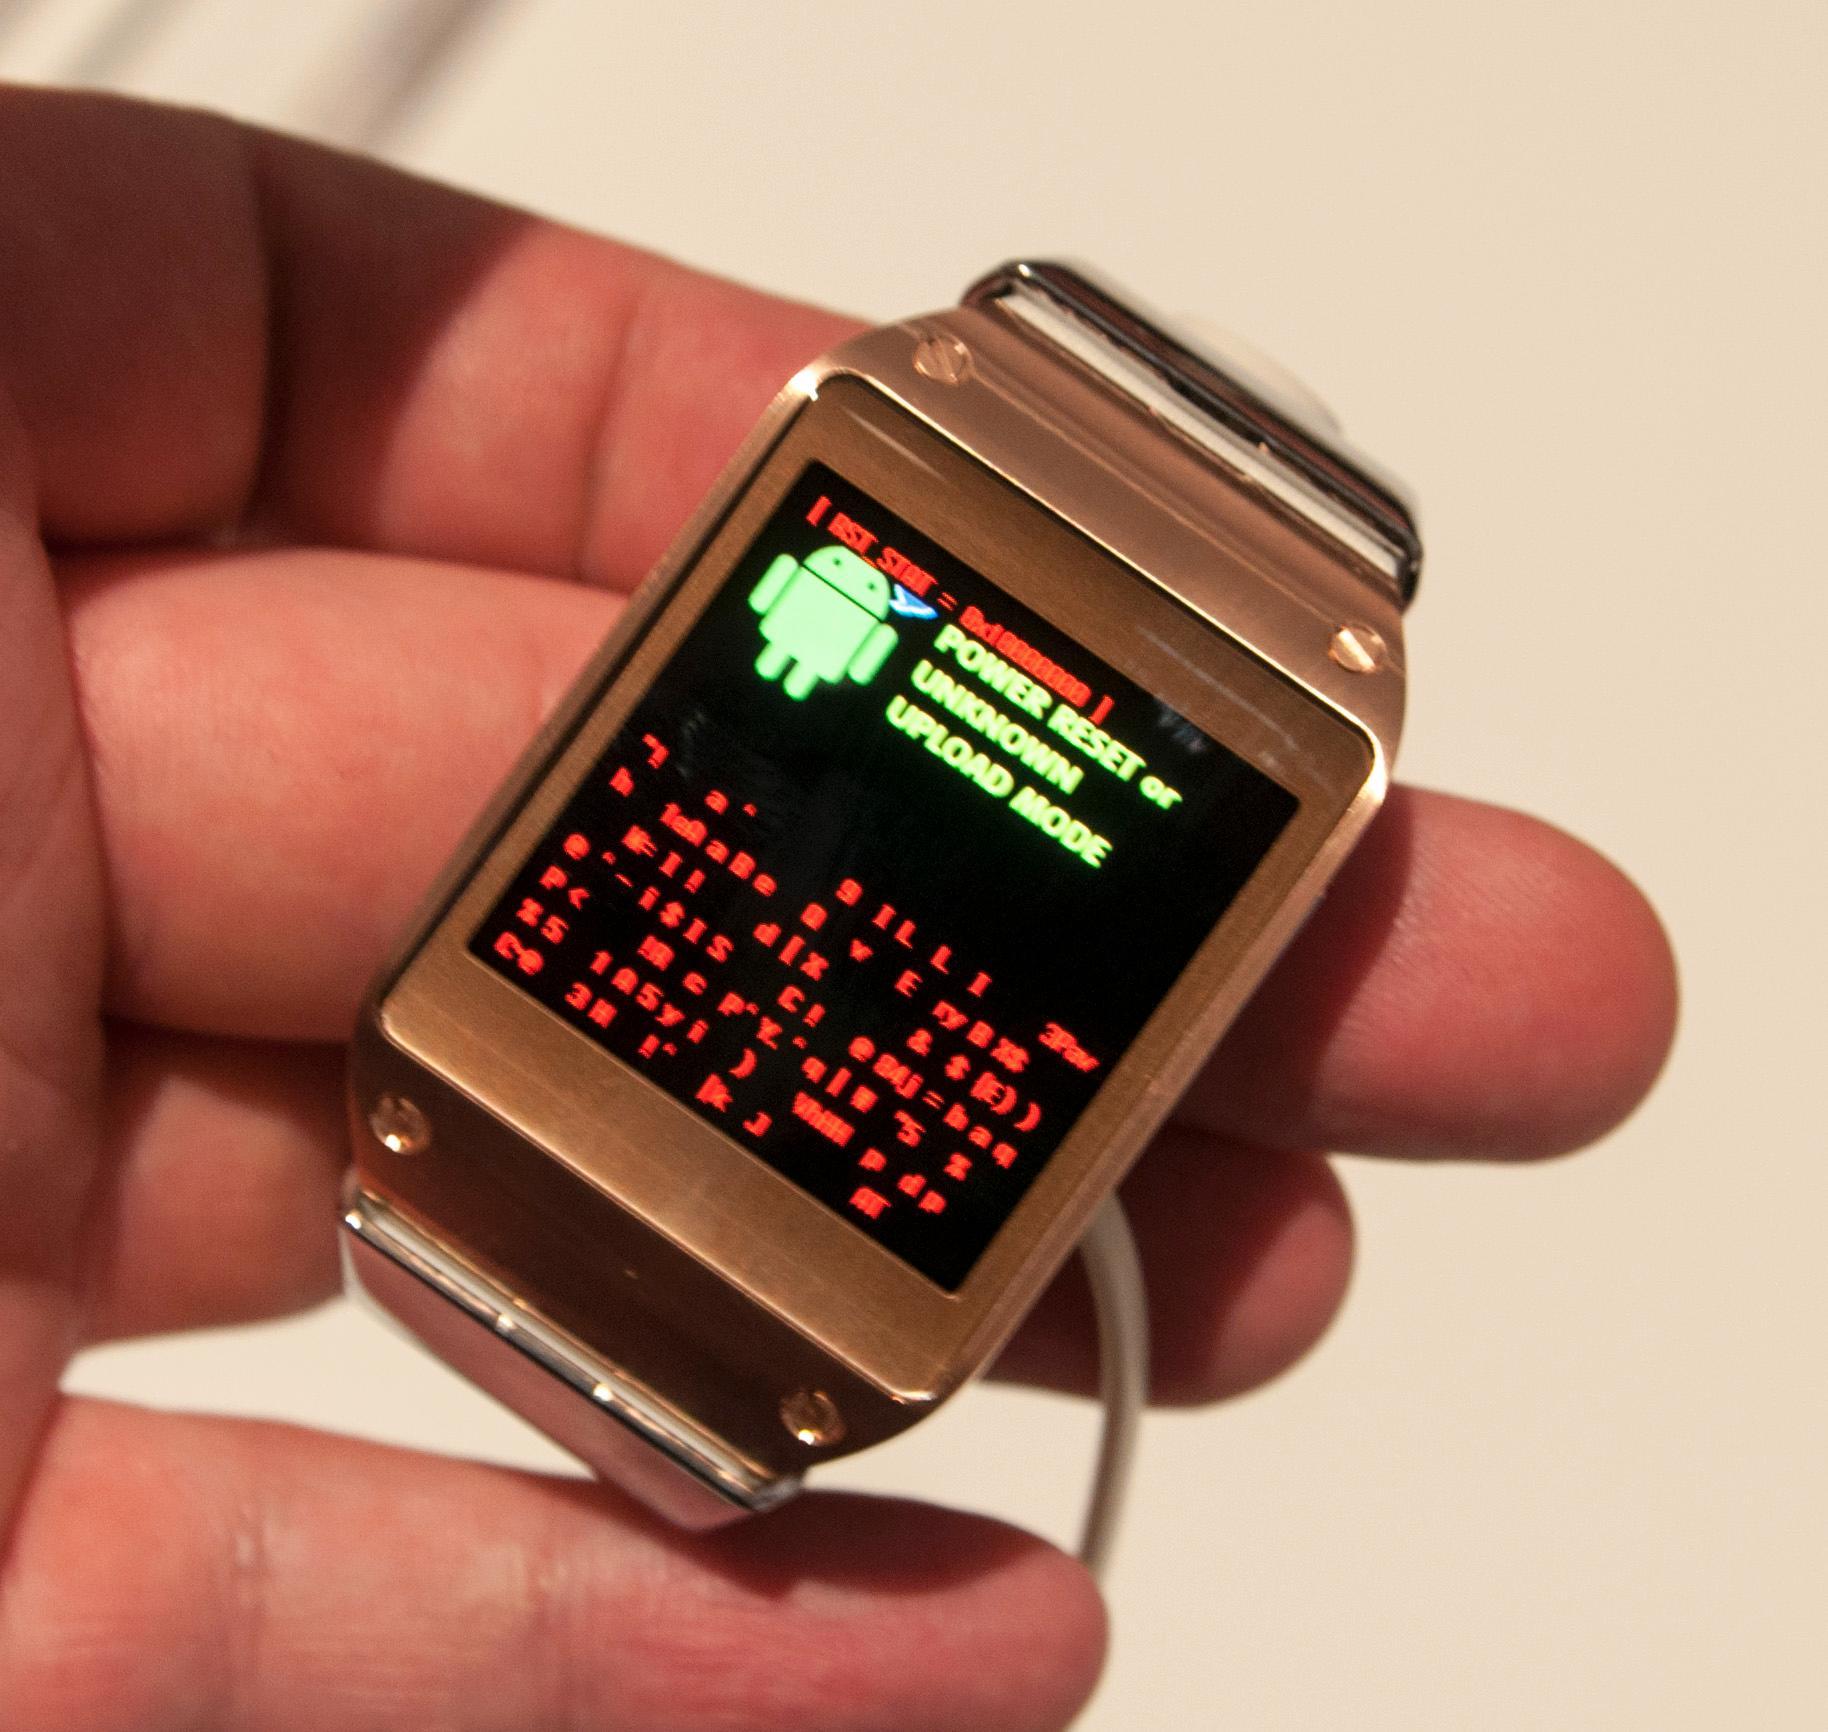 Oops! Etter å ha fiklet litt med klokken ble skjermen først helt hvit, og så skjedde dette. Vi regner med dette handler om tidlig programvare i prototypene som ble vist frem.Foto: Finn Jarle Kvalheim, Amobil.no